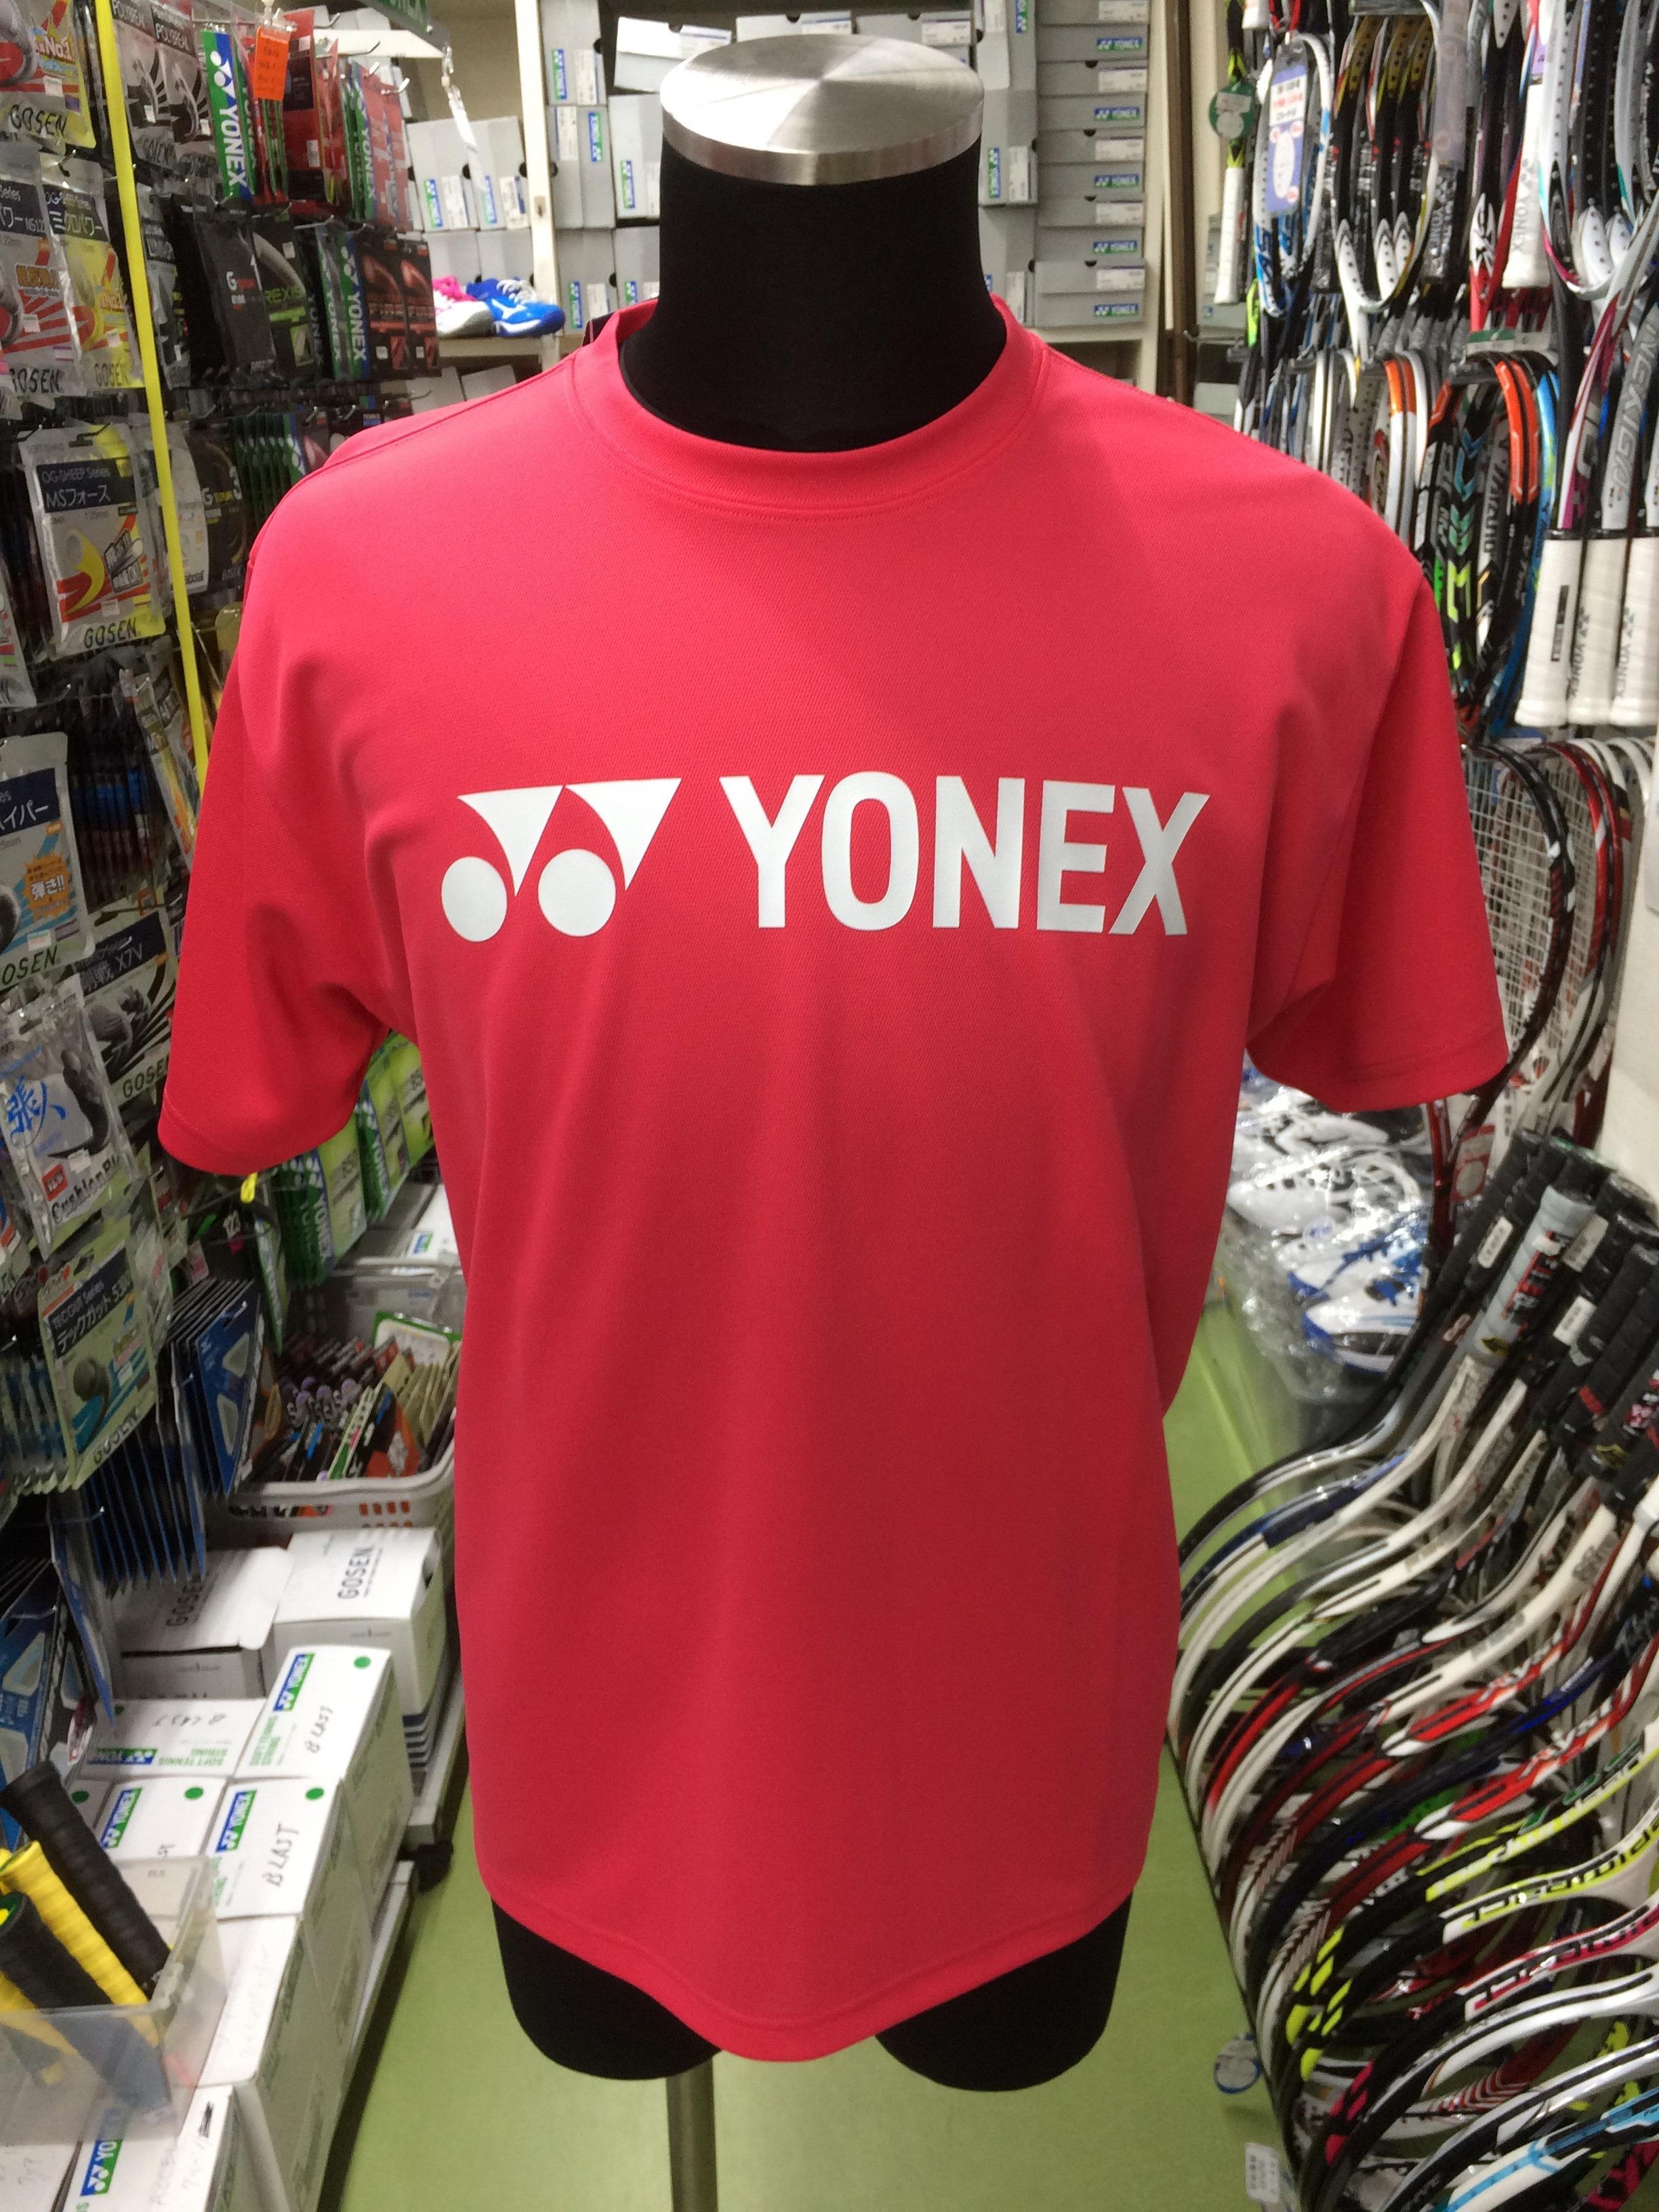 ヨネックス ユニドライTシャツ 16197Y - 画像4